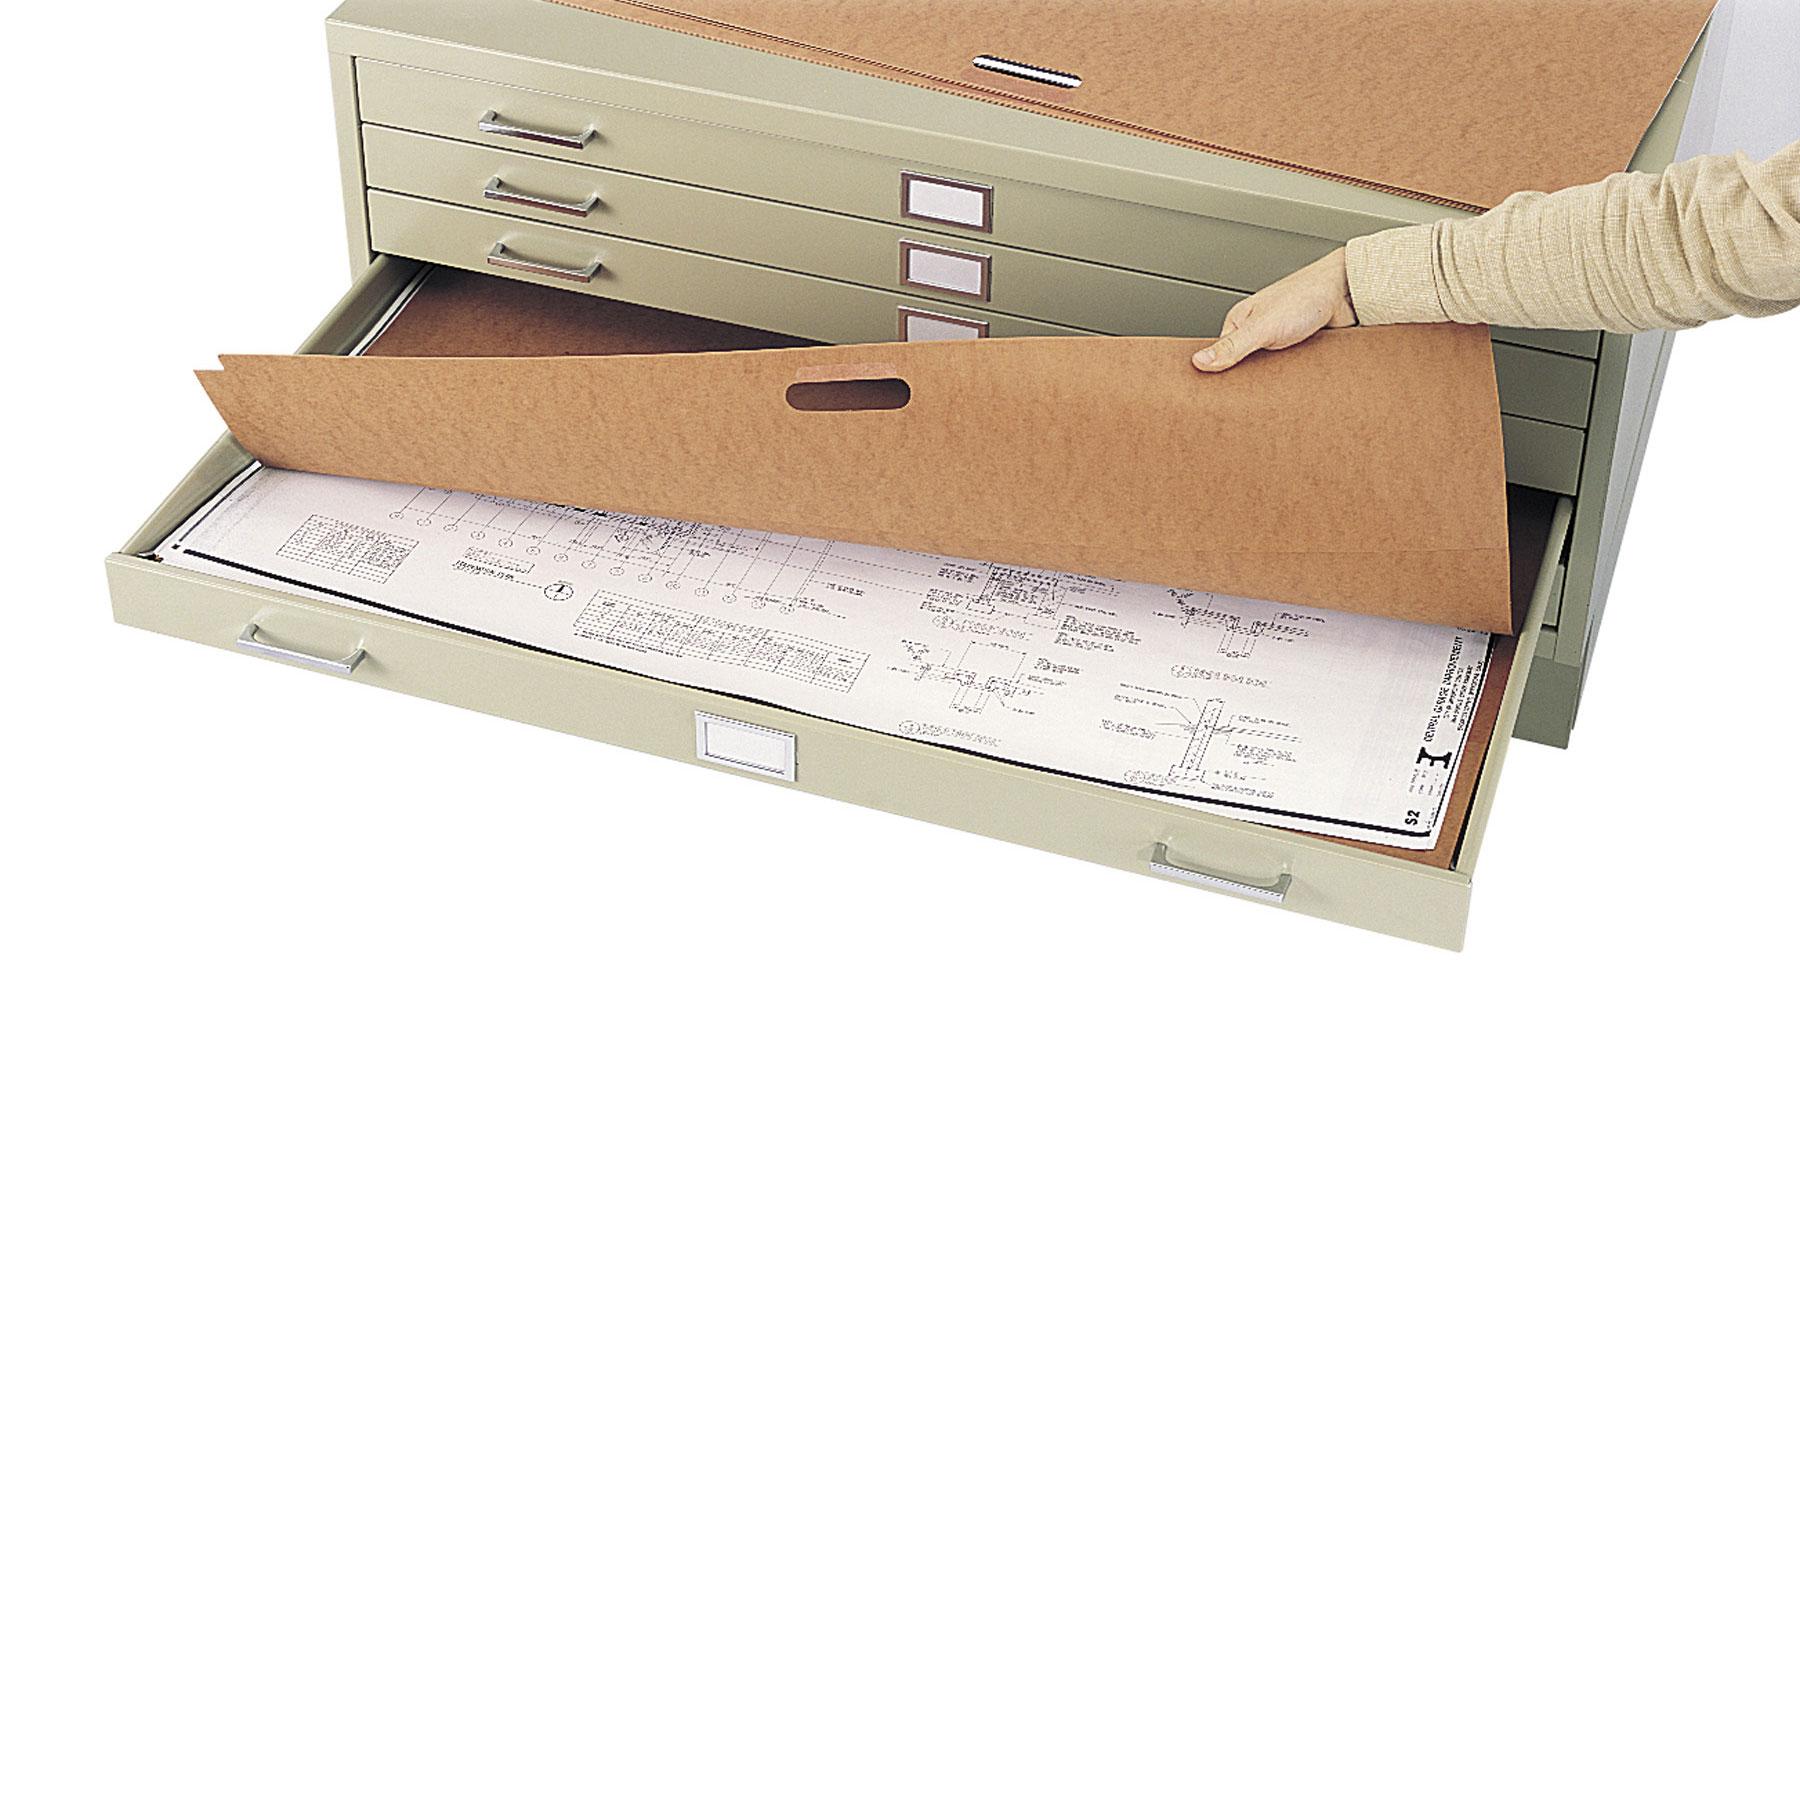 plan-filing-cabinet